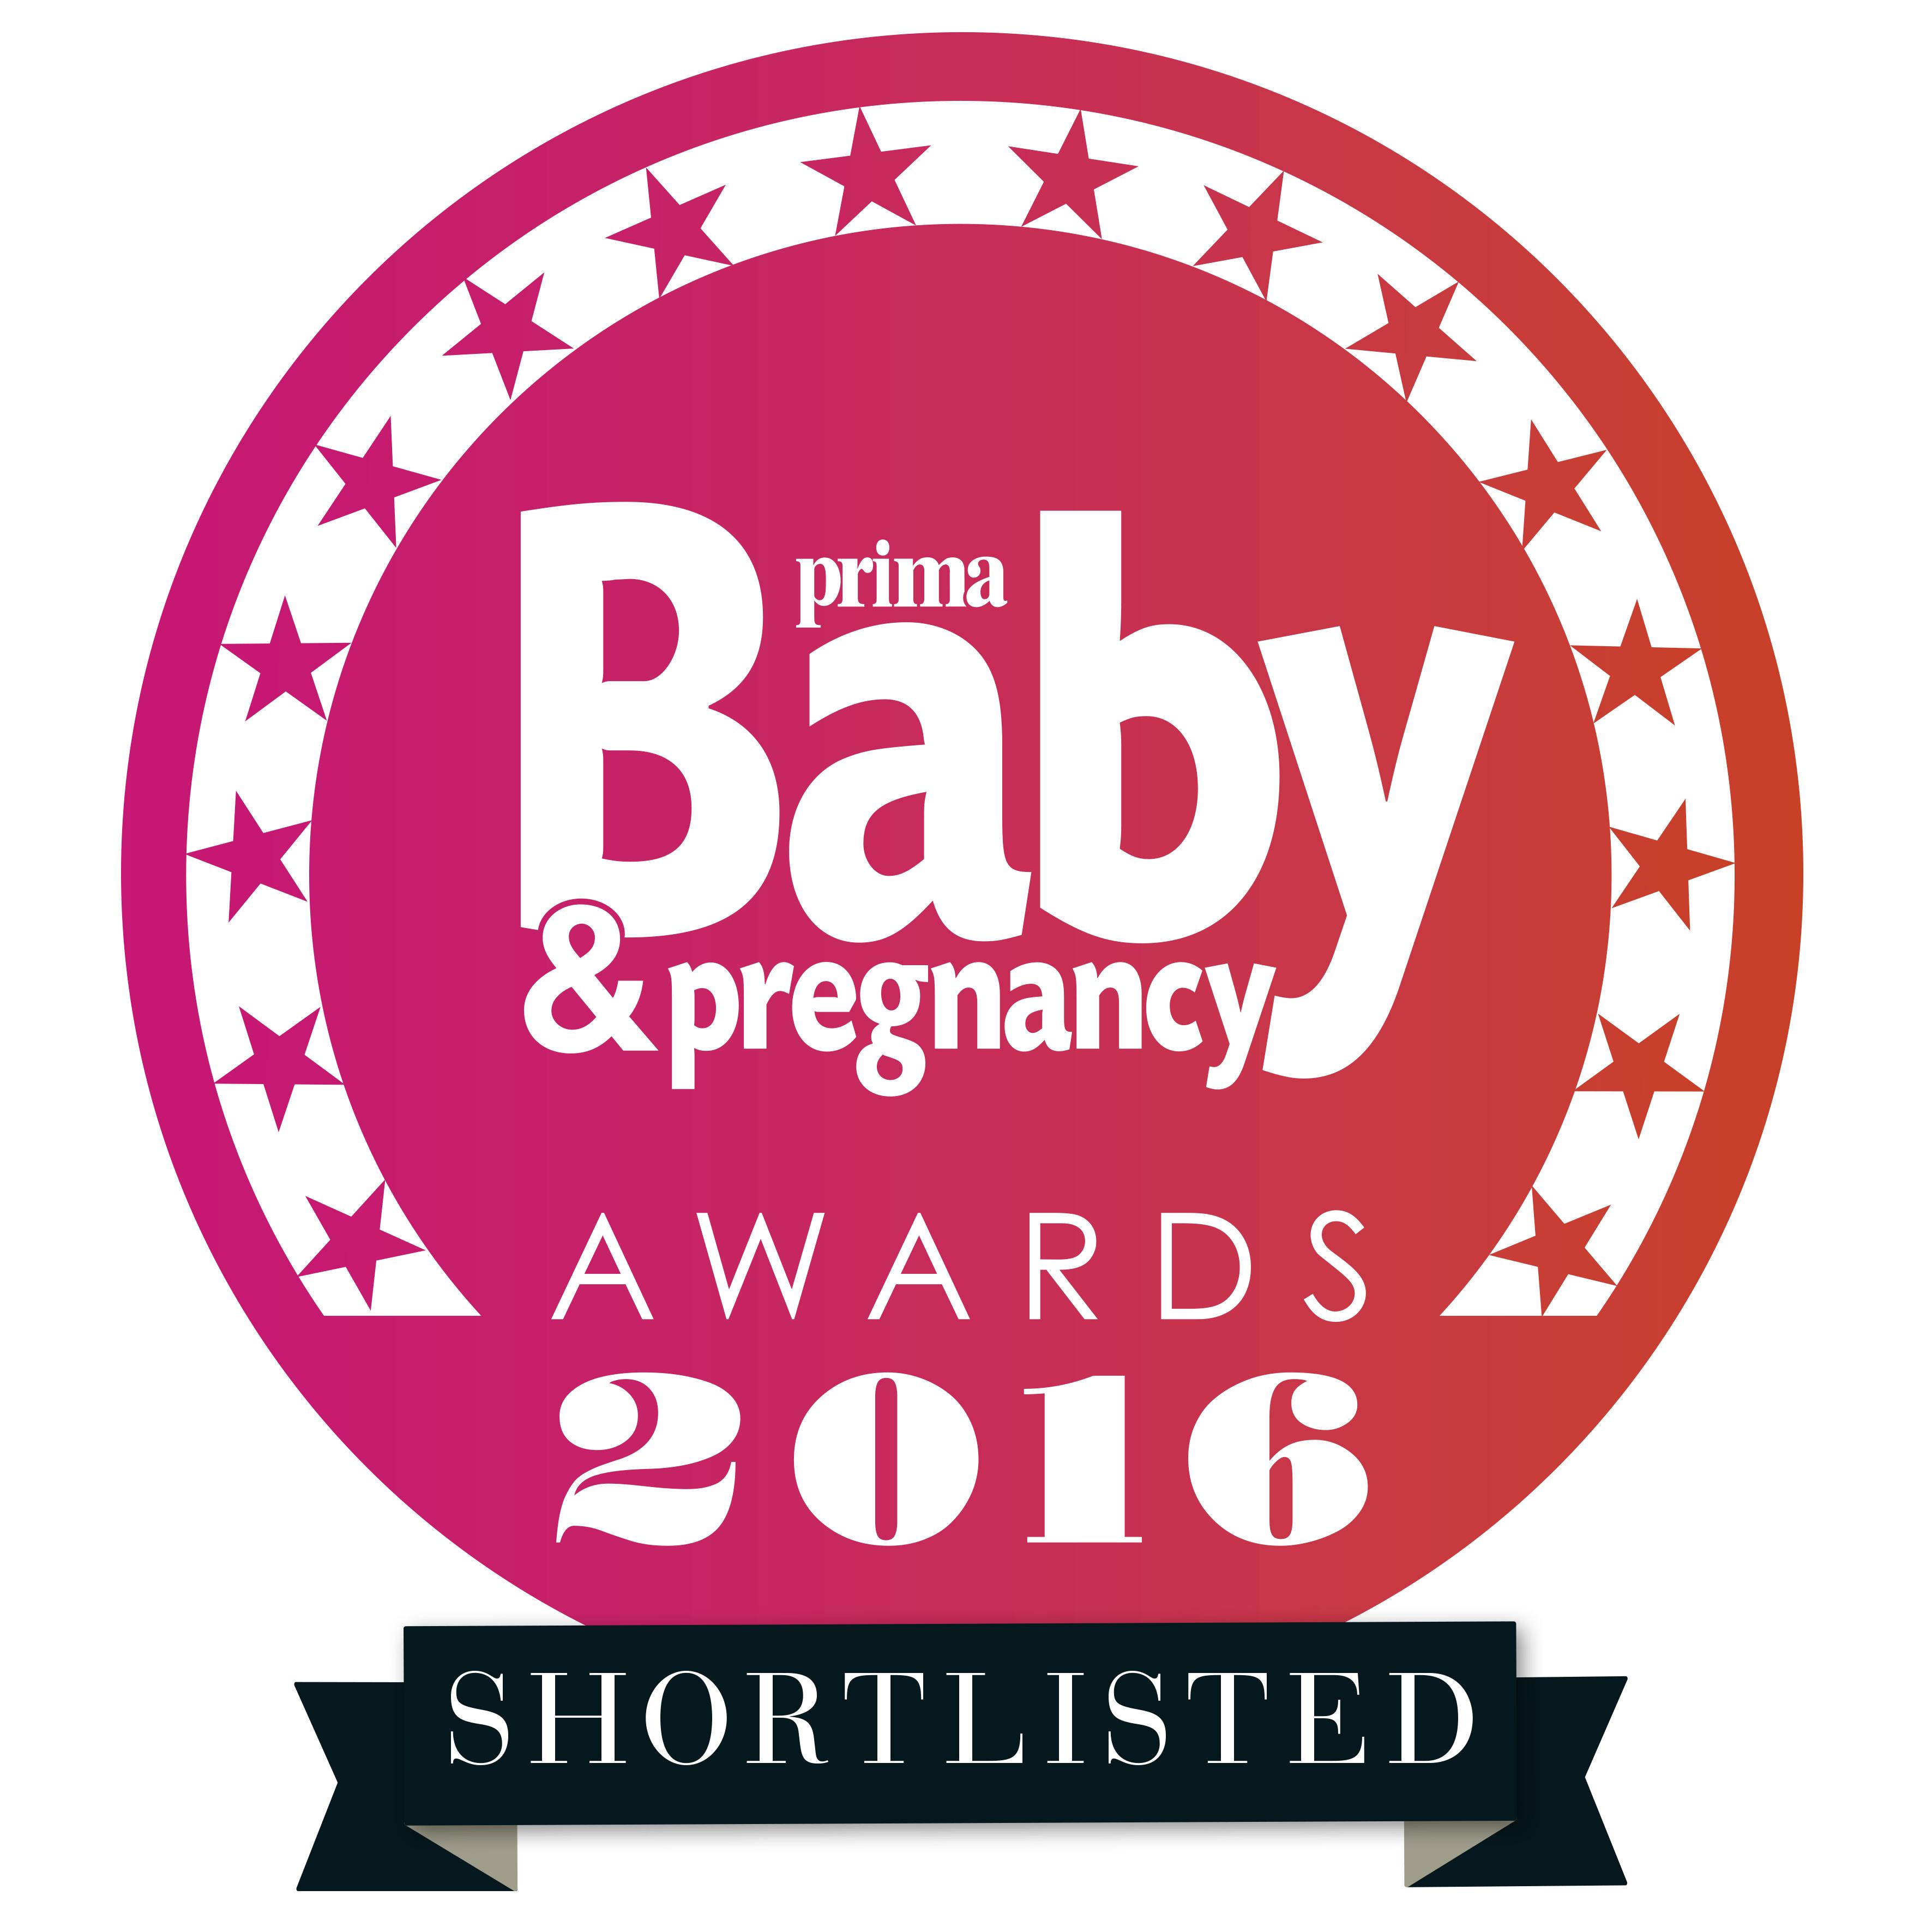 prb-awardlogos-2016-shortlist.jpg